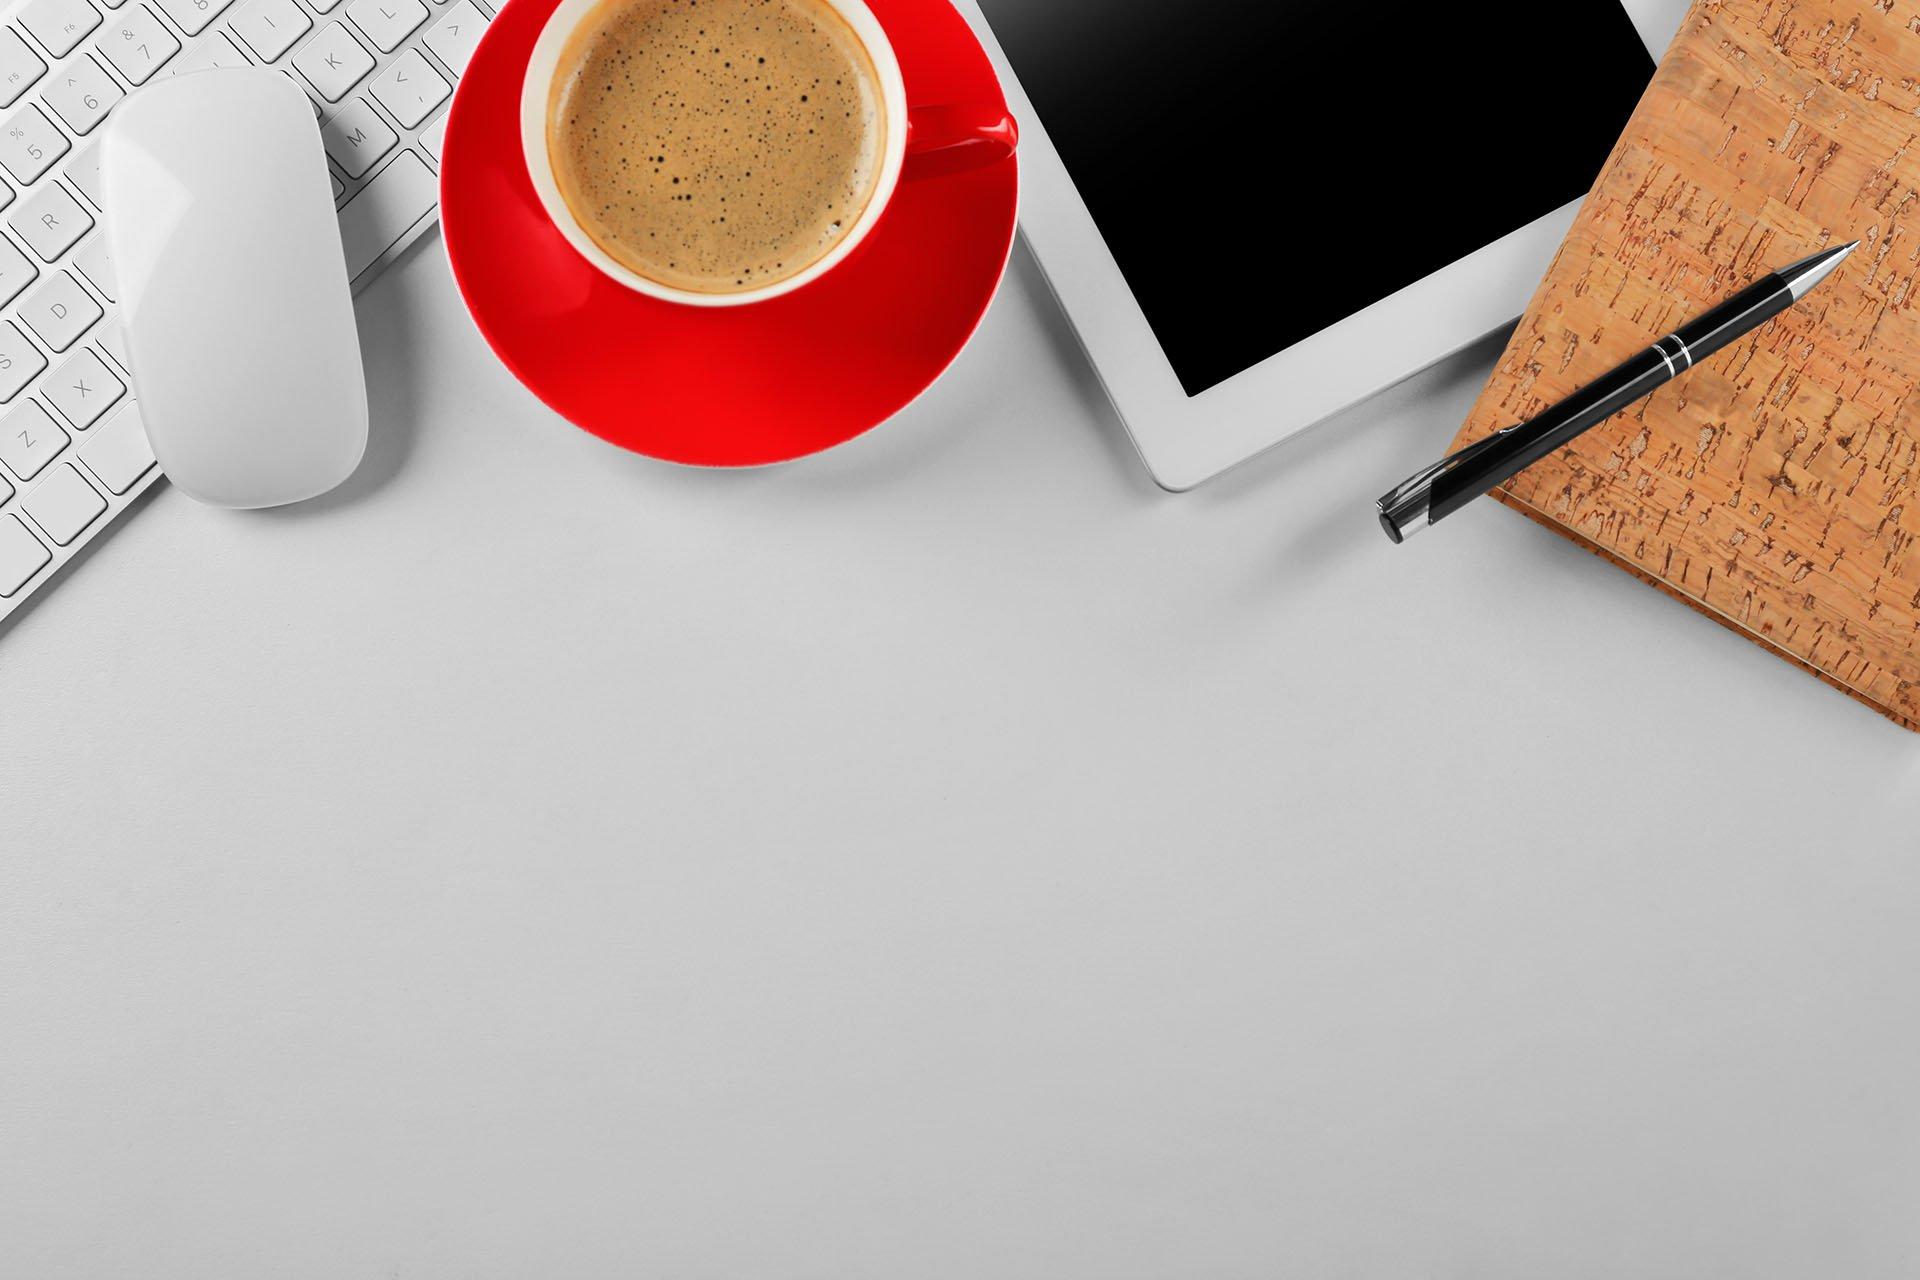 Startup Digital Marketer Desk